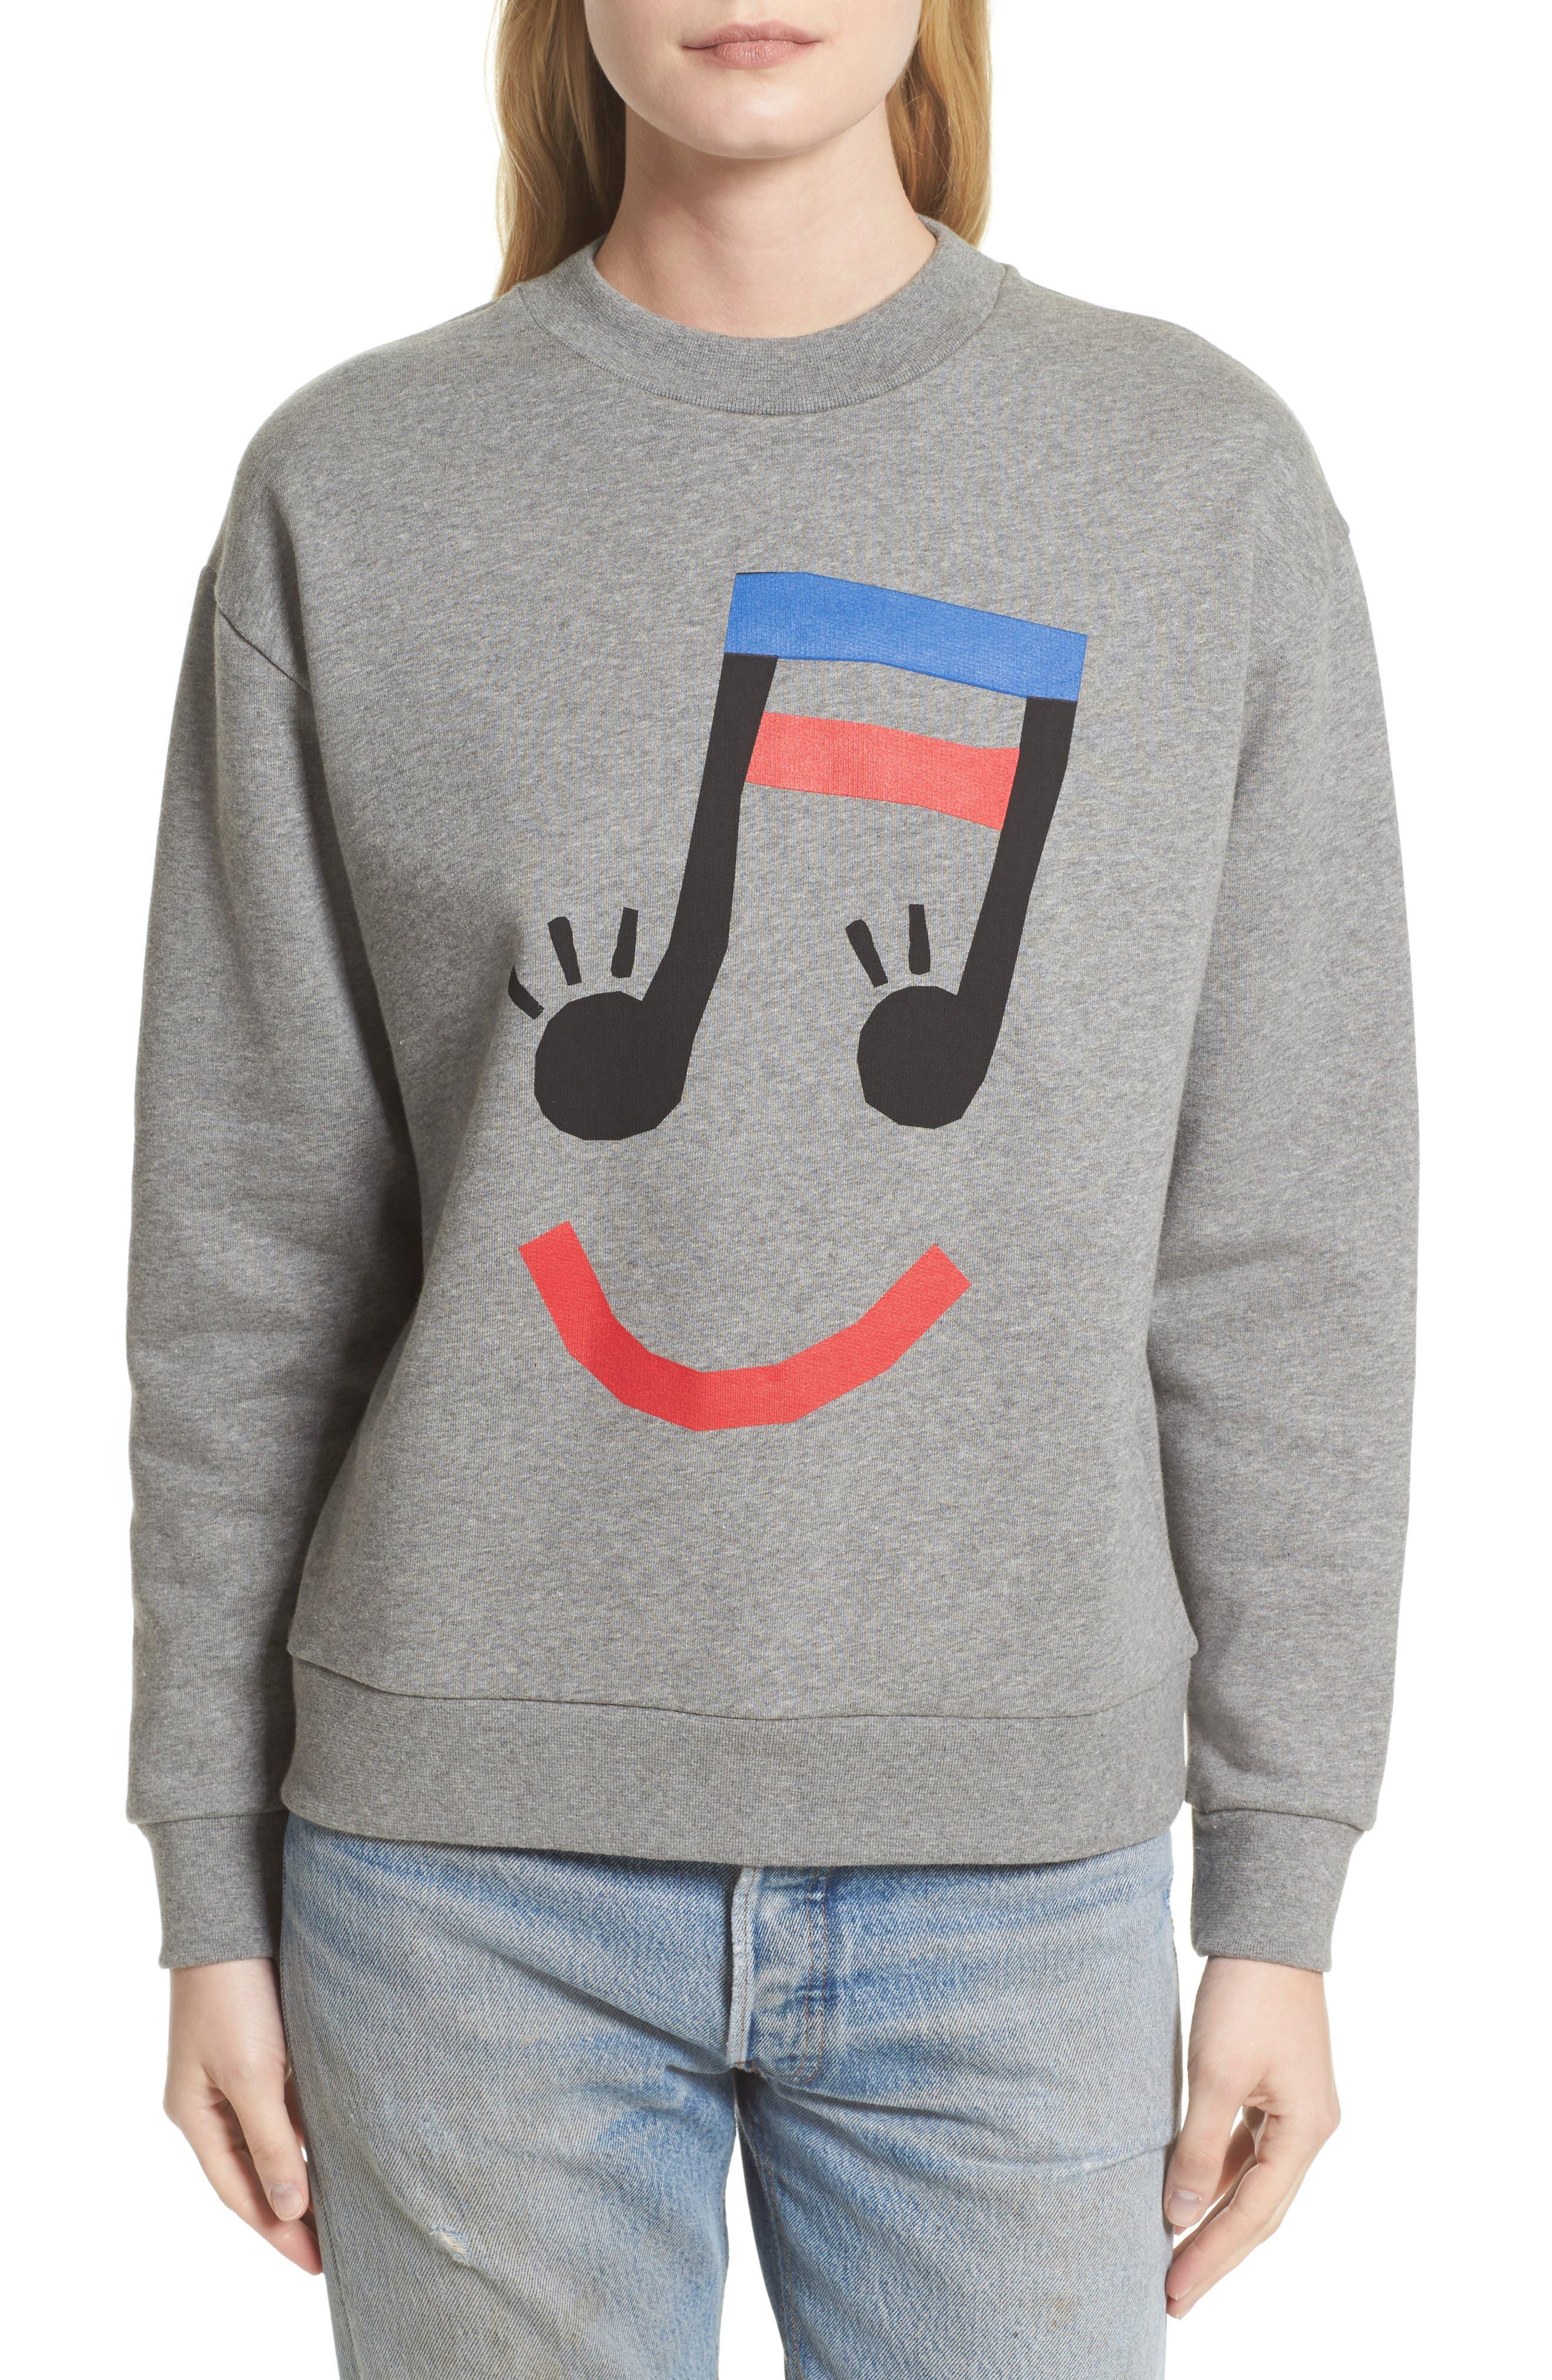 Alternate Image 1 Selected - être cécile Music Face Boyfriend Sweatshirt